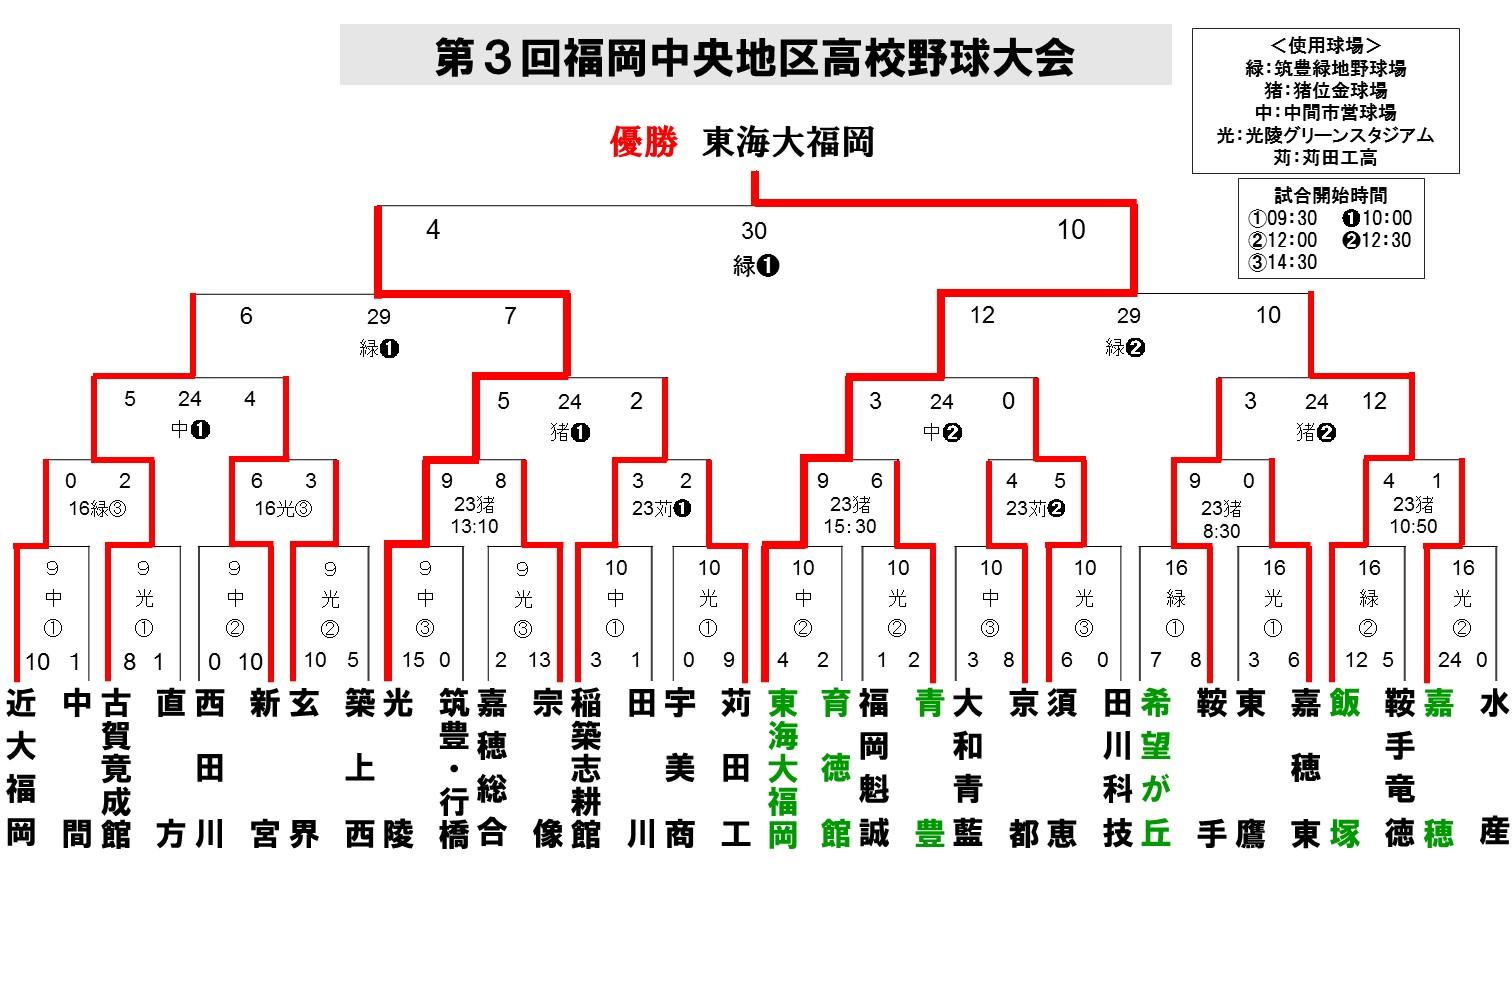 2016福岡中央地区春季10